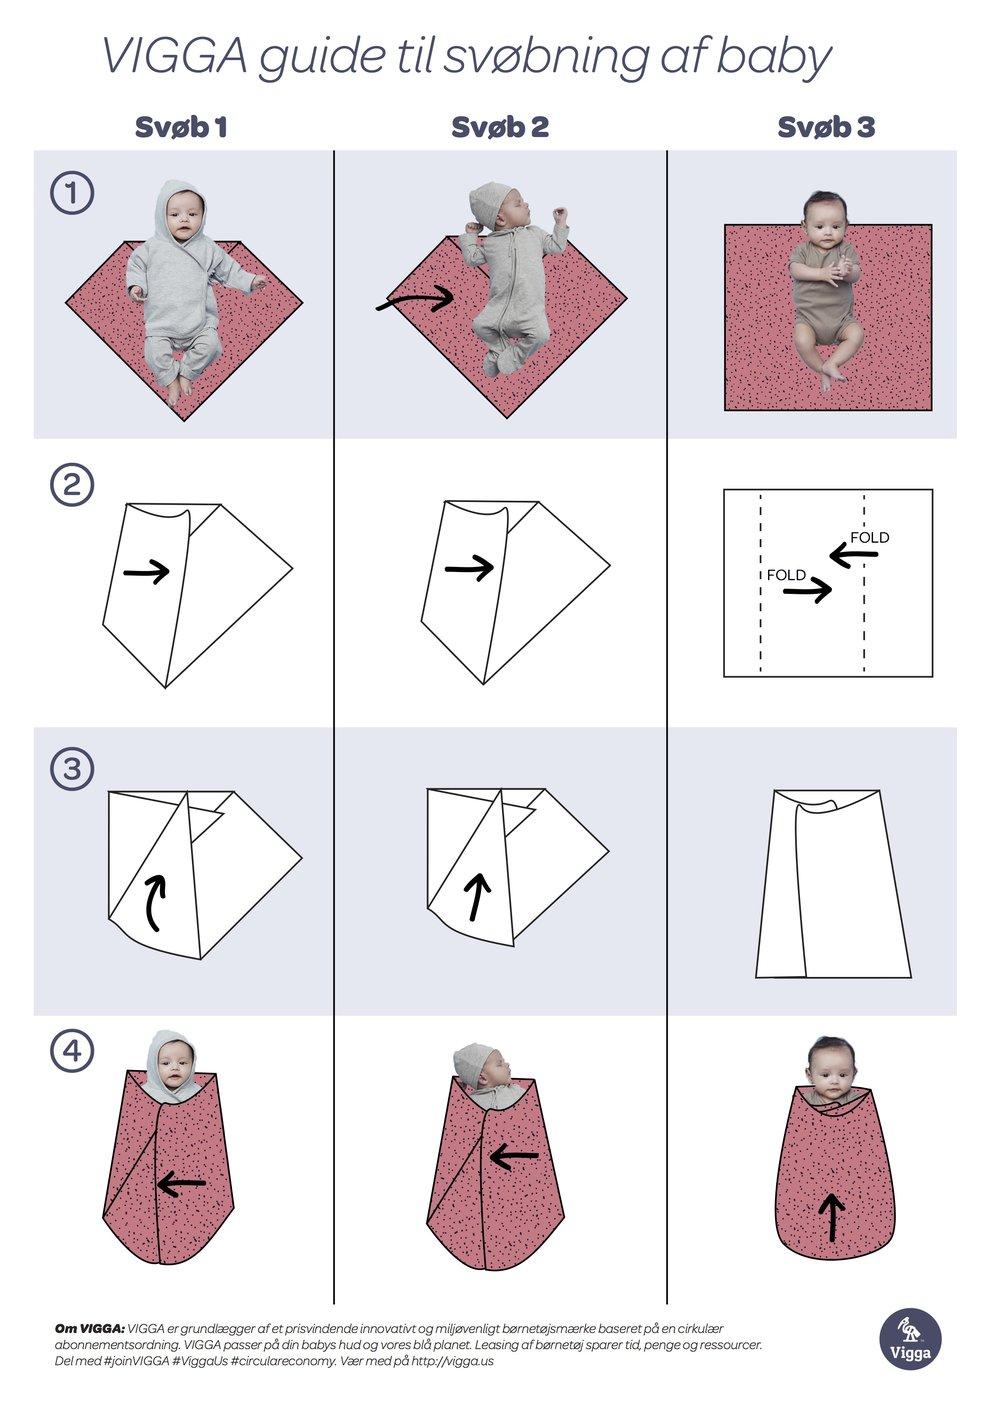 Download vores svøbeguide. Klik på billedet >> I svøb 1 har baby armene langs kroppen. I svøb 2 har baby hænderne ved ansigtet. I svøb 3 foldes tæppet op og fæstnes ved babys hals.